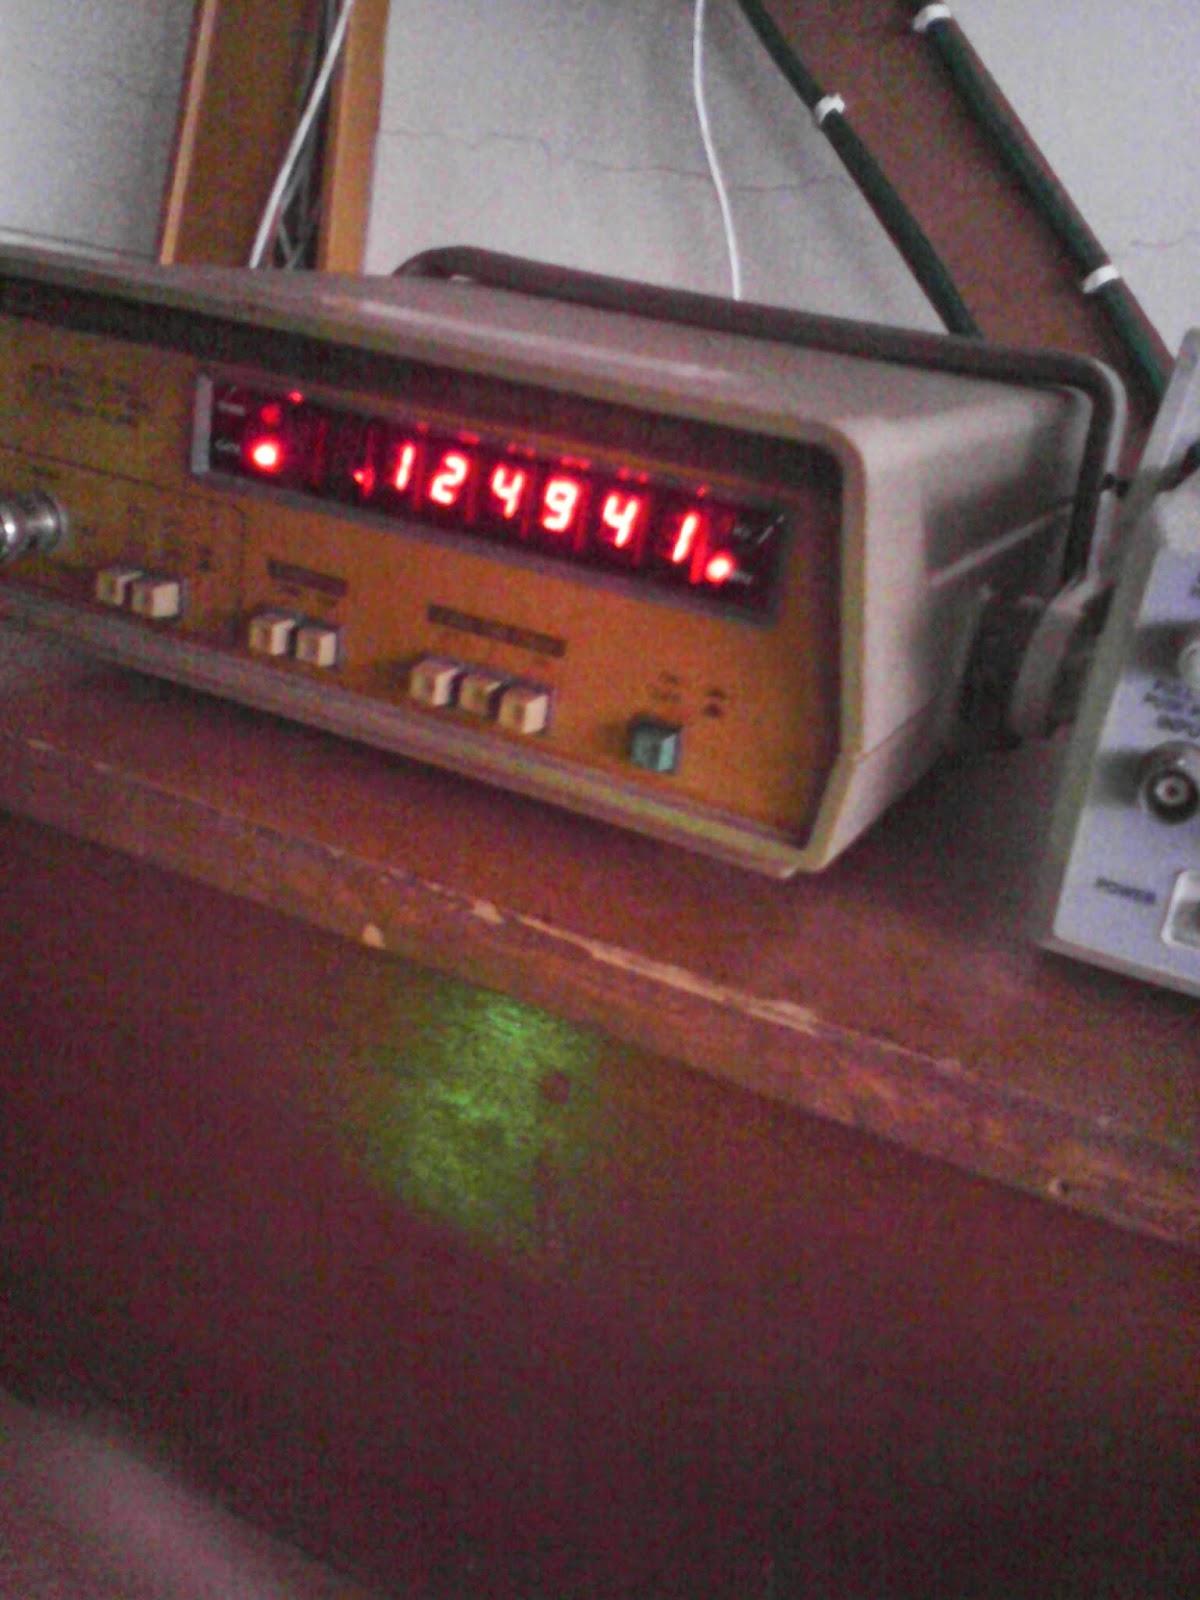 Pembangkit frekuensi atau function generator up to mhz